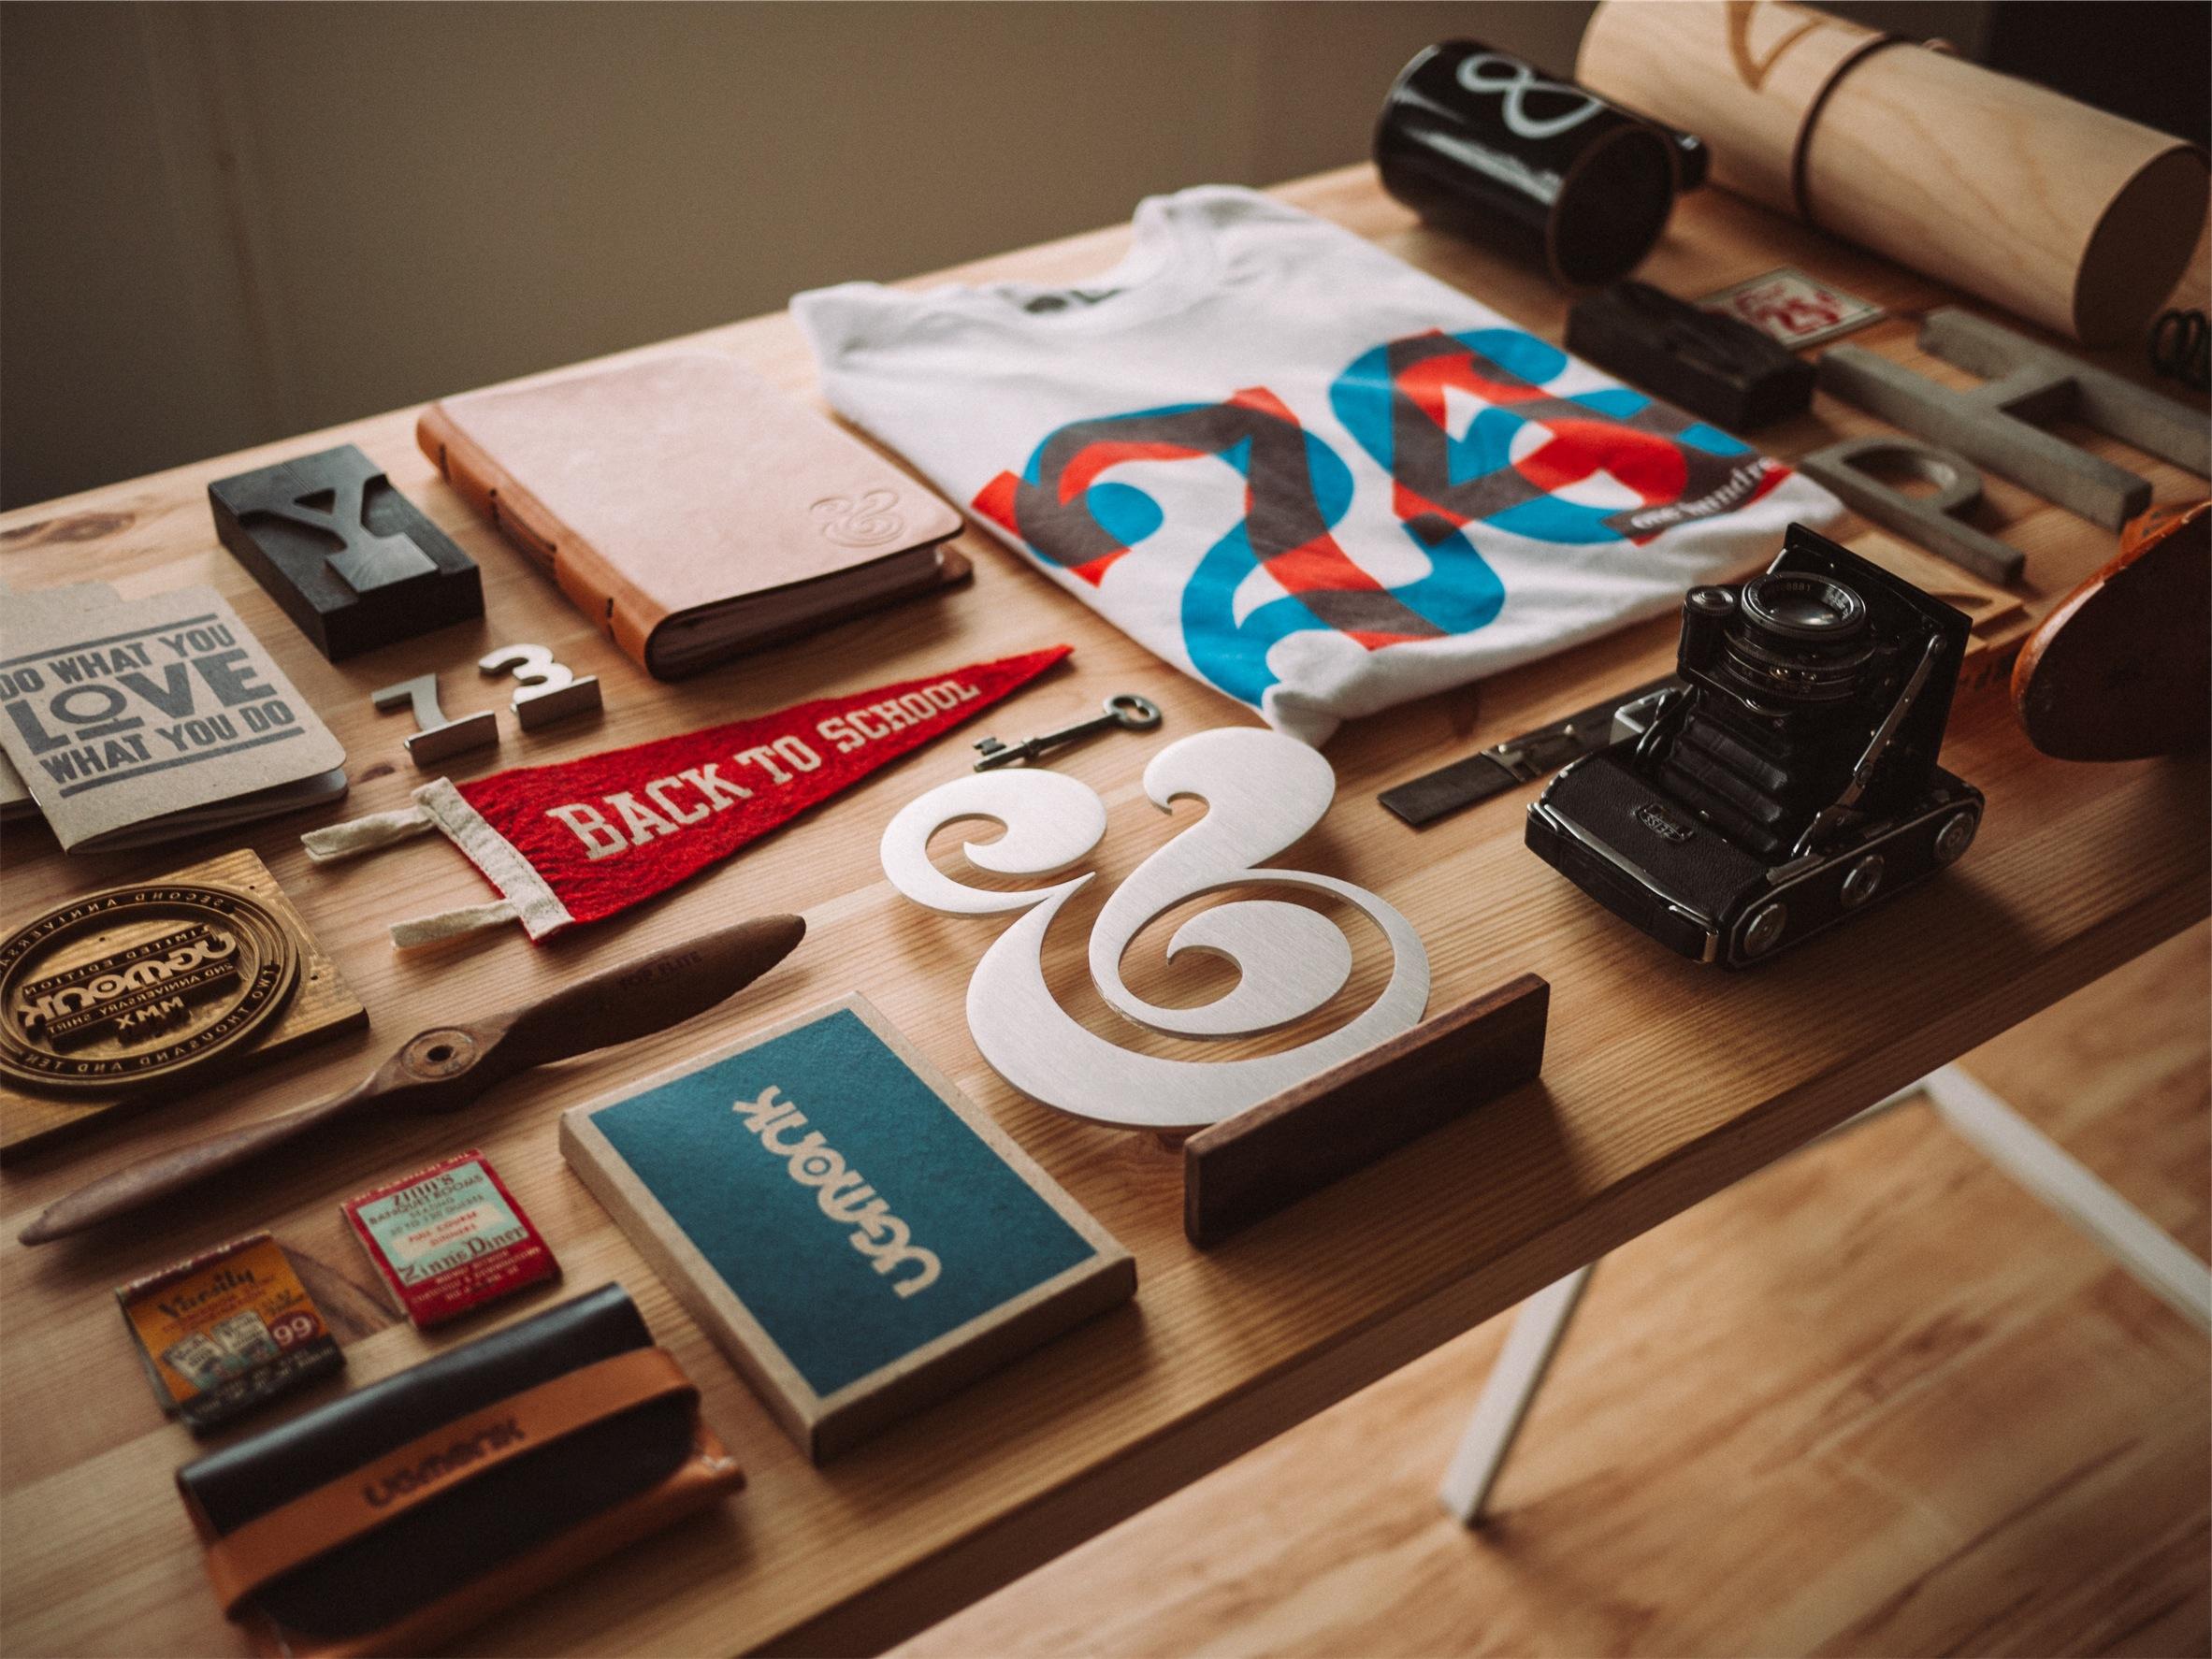 Jak przebiega proces designu?